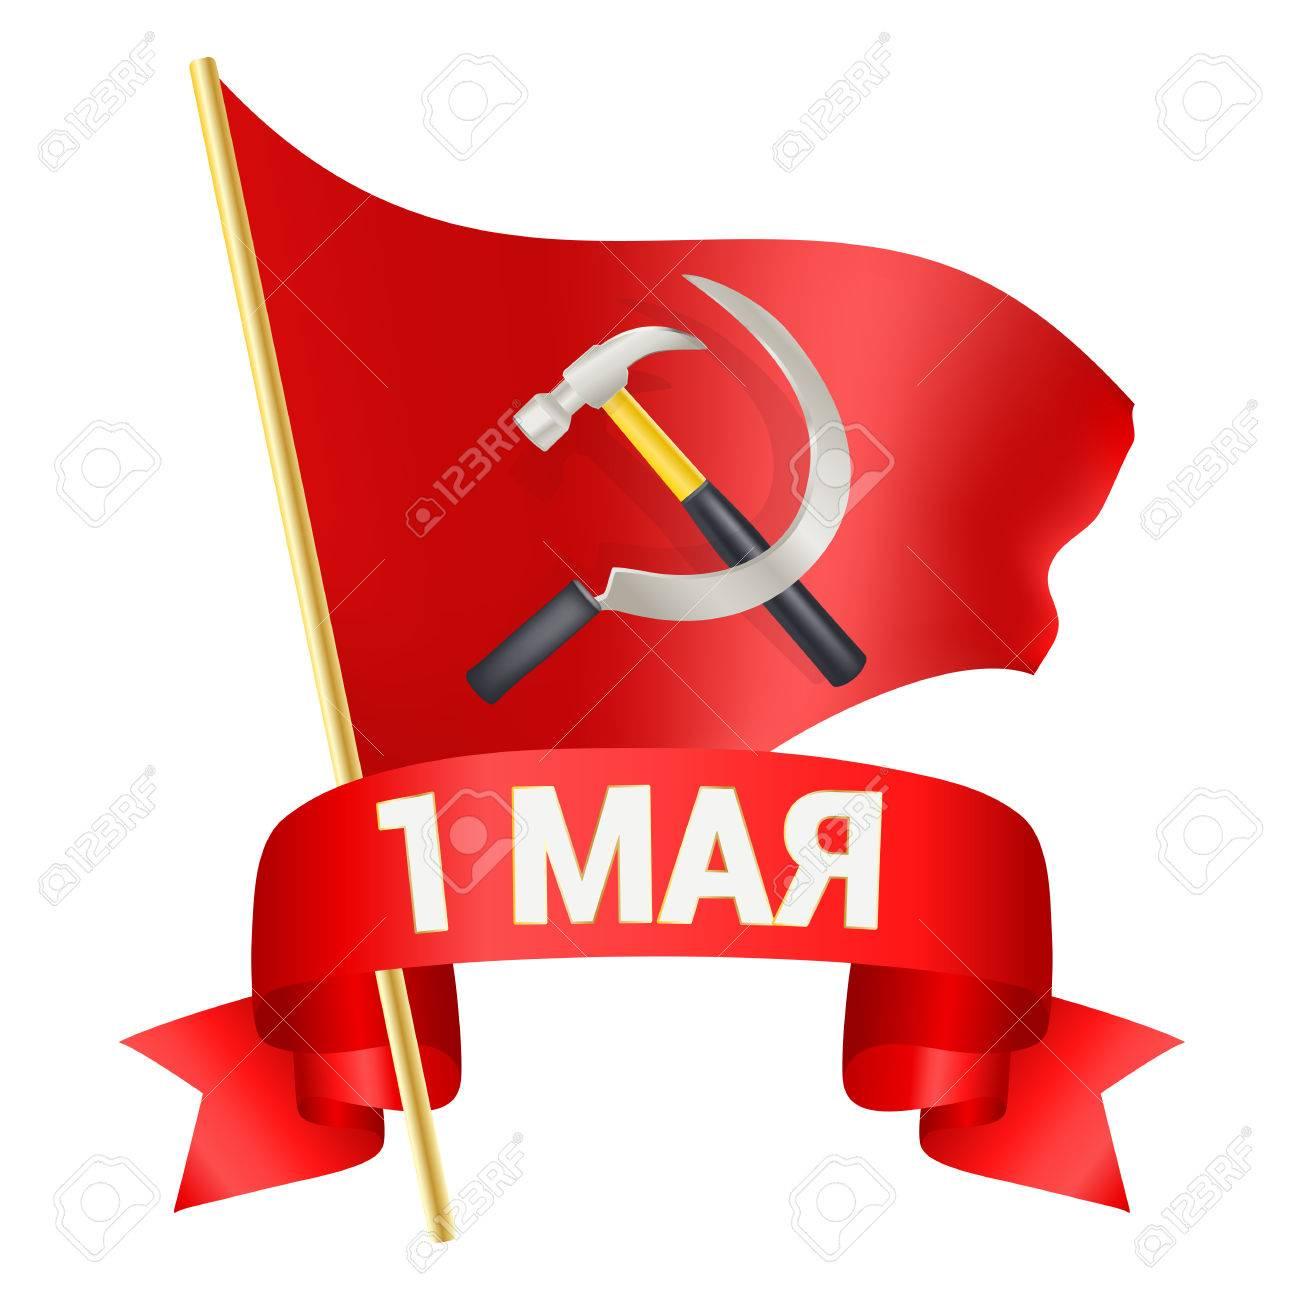 赤い旗ハンマーと鎌とロシア語の文字と弓で第 1 回メーデー イラスト